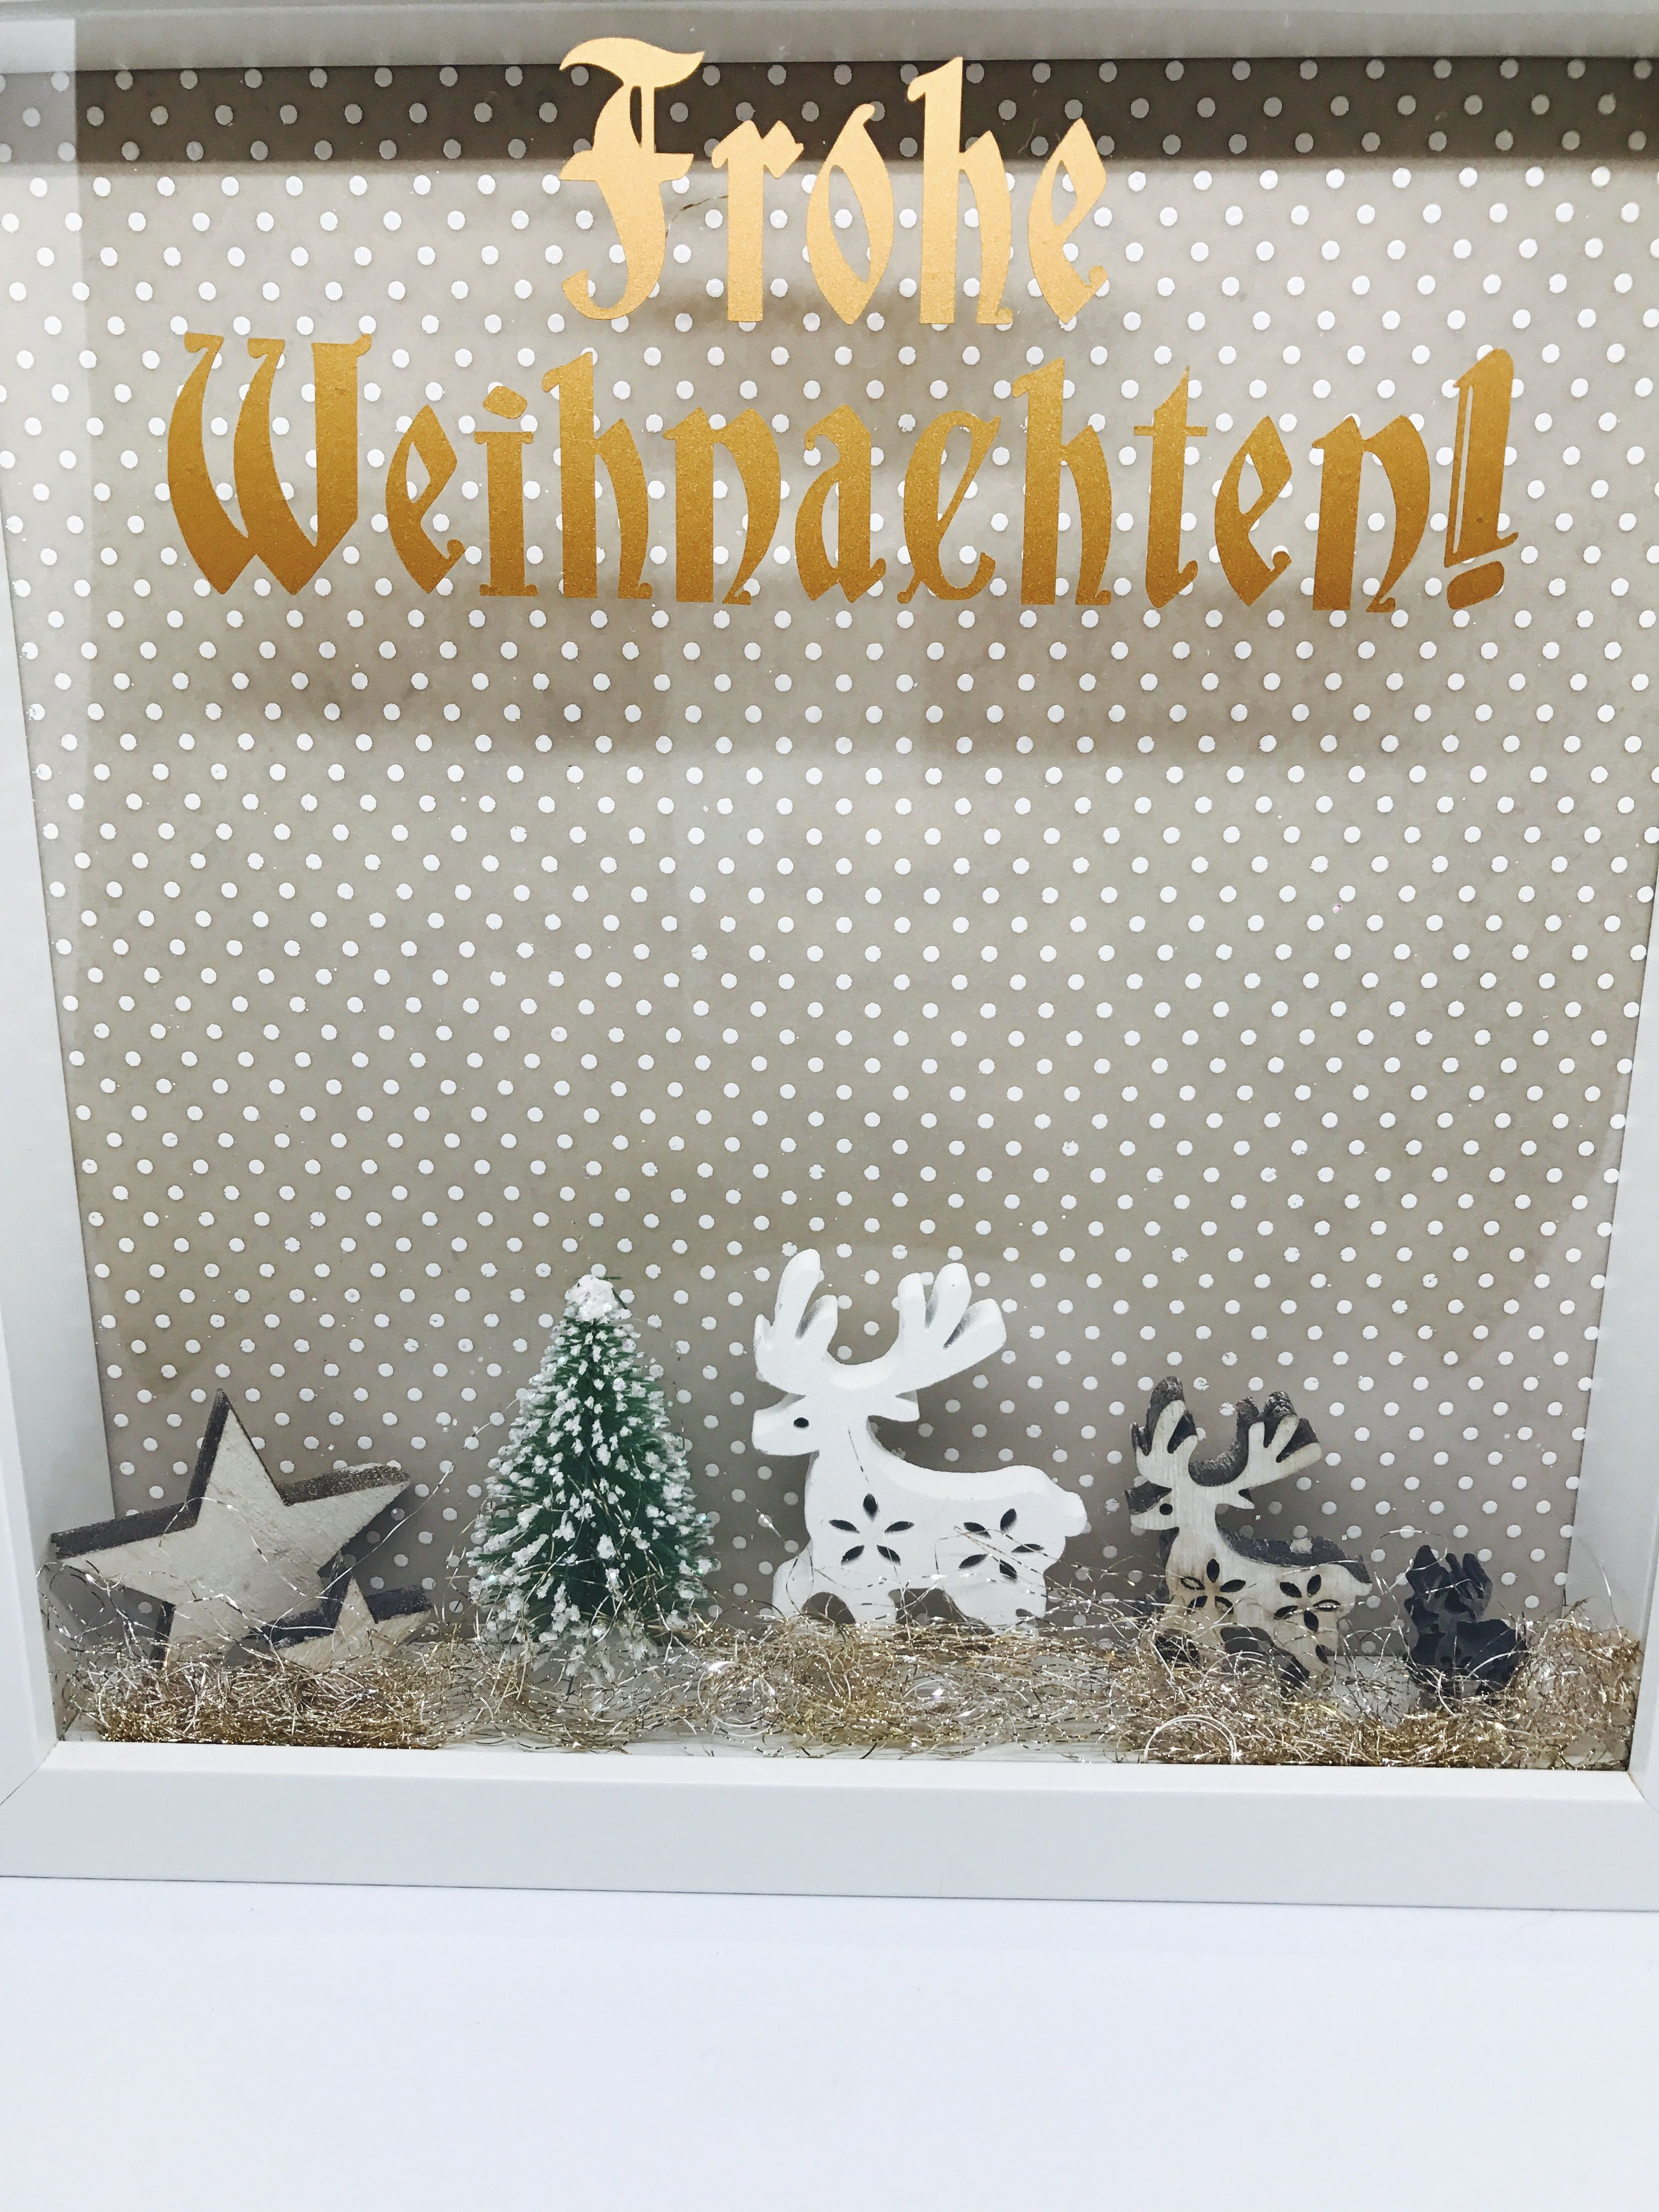 Ribba Bilderrahmen Deko Weihnachten   Ribba Deluxe   Pinterest ...